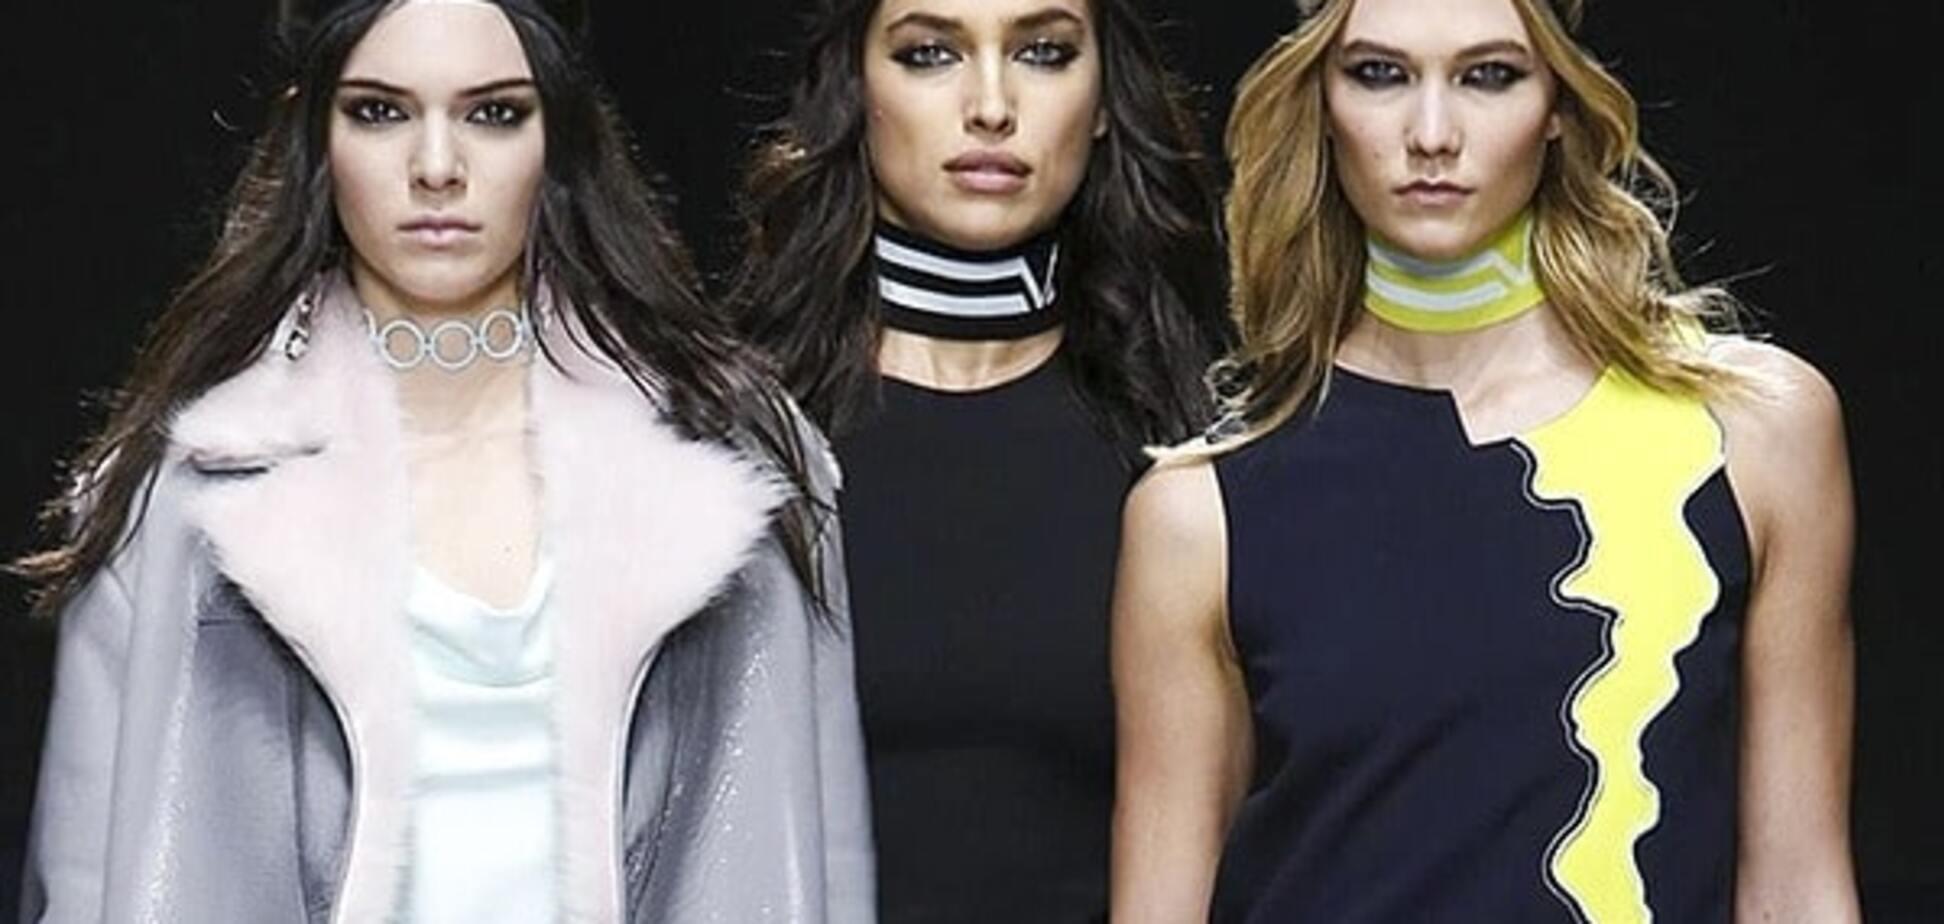 Неделя моды в Милане: Versace собрал топовых моделей в своем показе